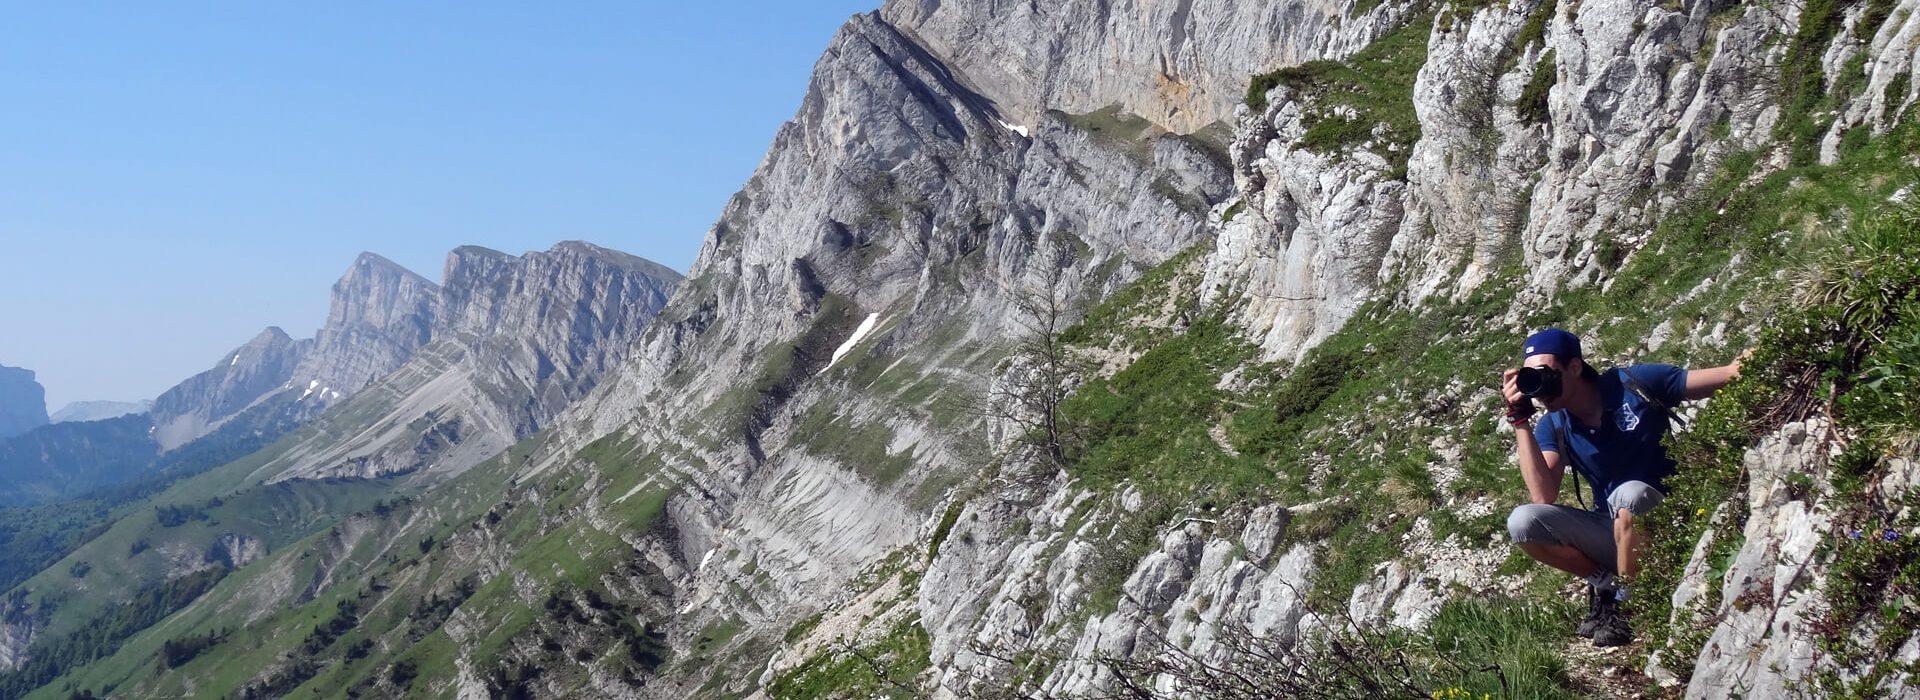 Les Rochers du Ranc Traversier - Par le Pas de Serre-Brion et le Pas Morta - 2011 M